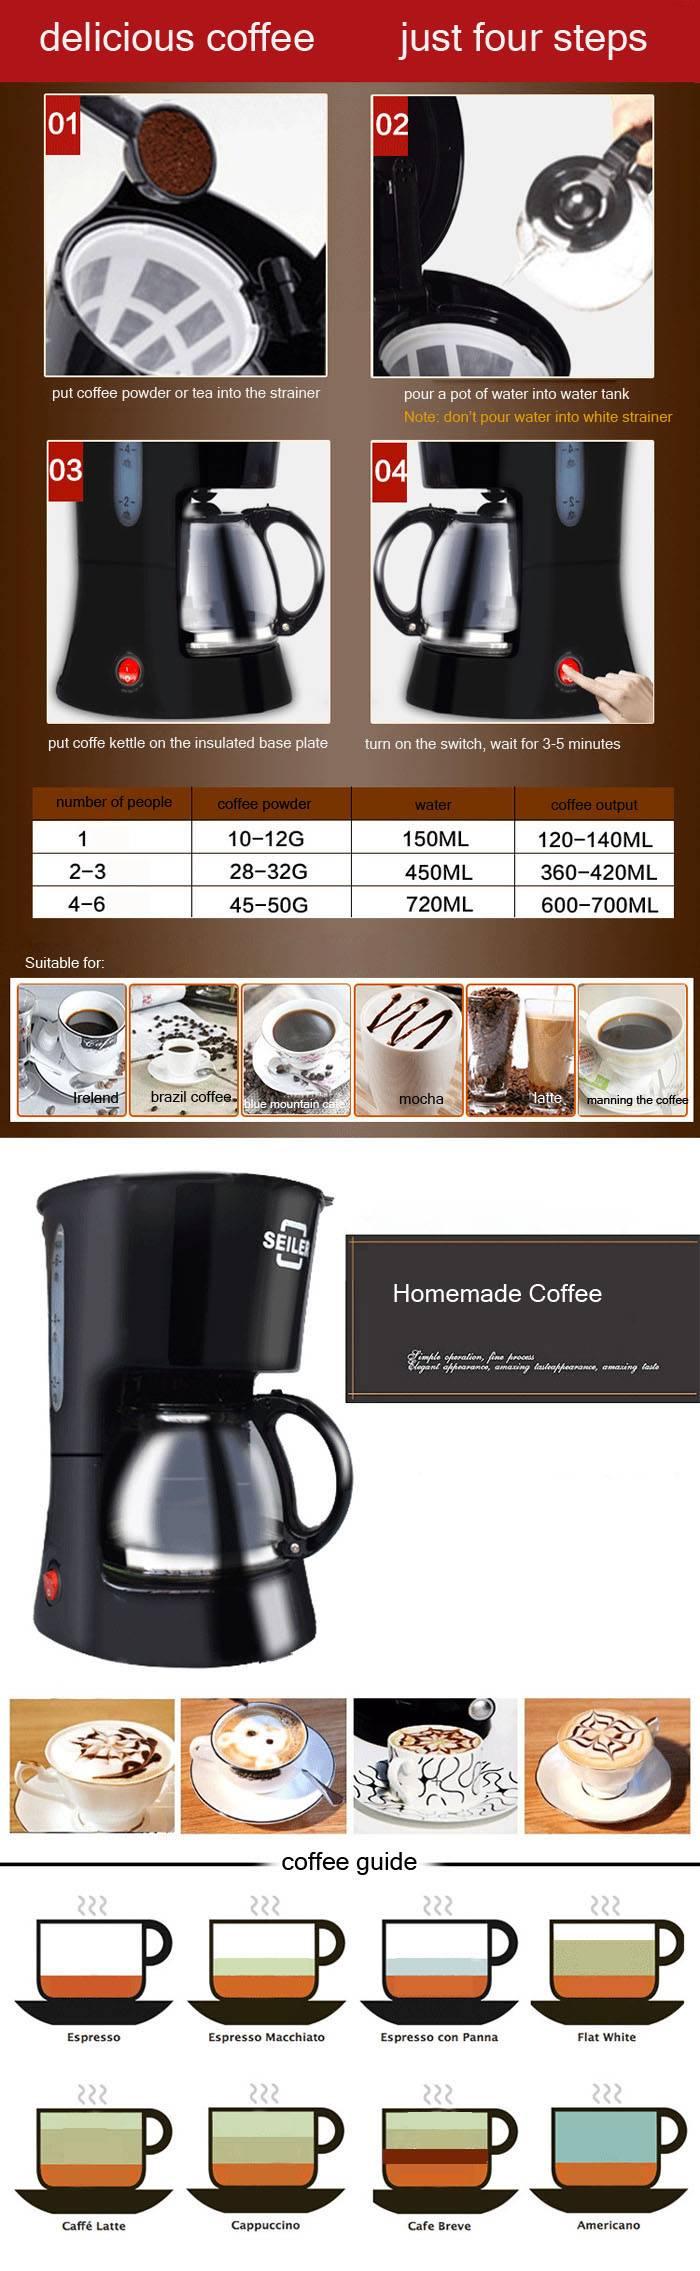 Капельная кофеварка для дома - как выбирать и как пользоваться